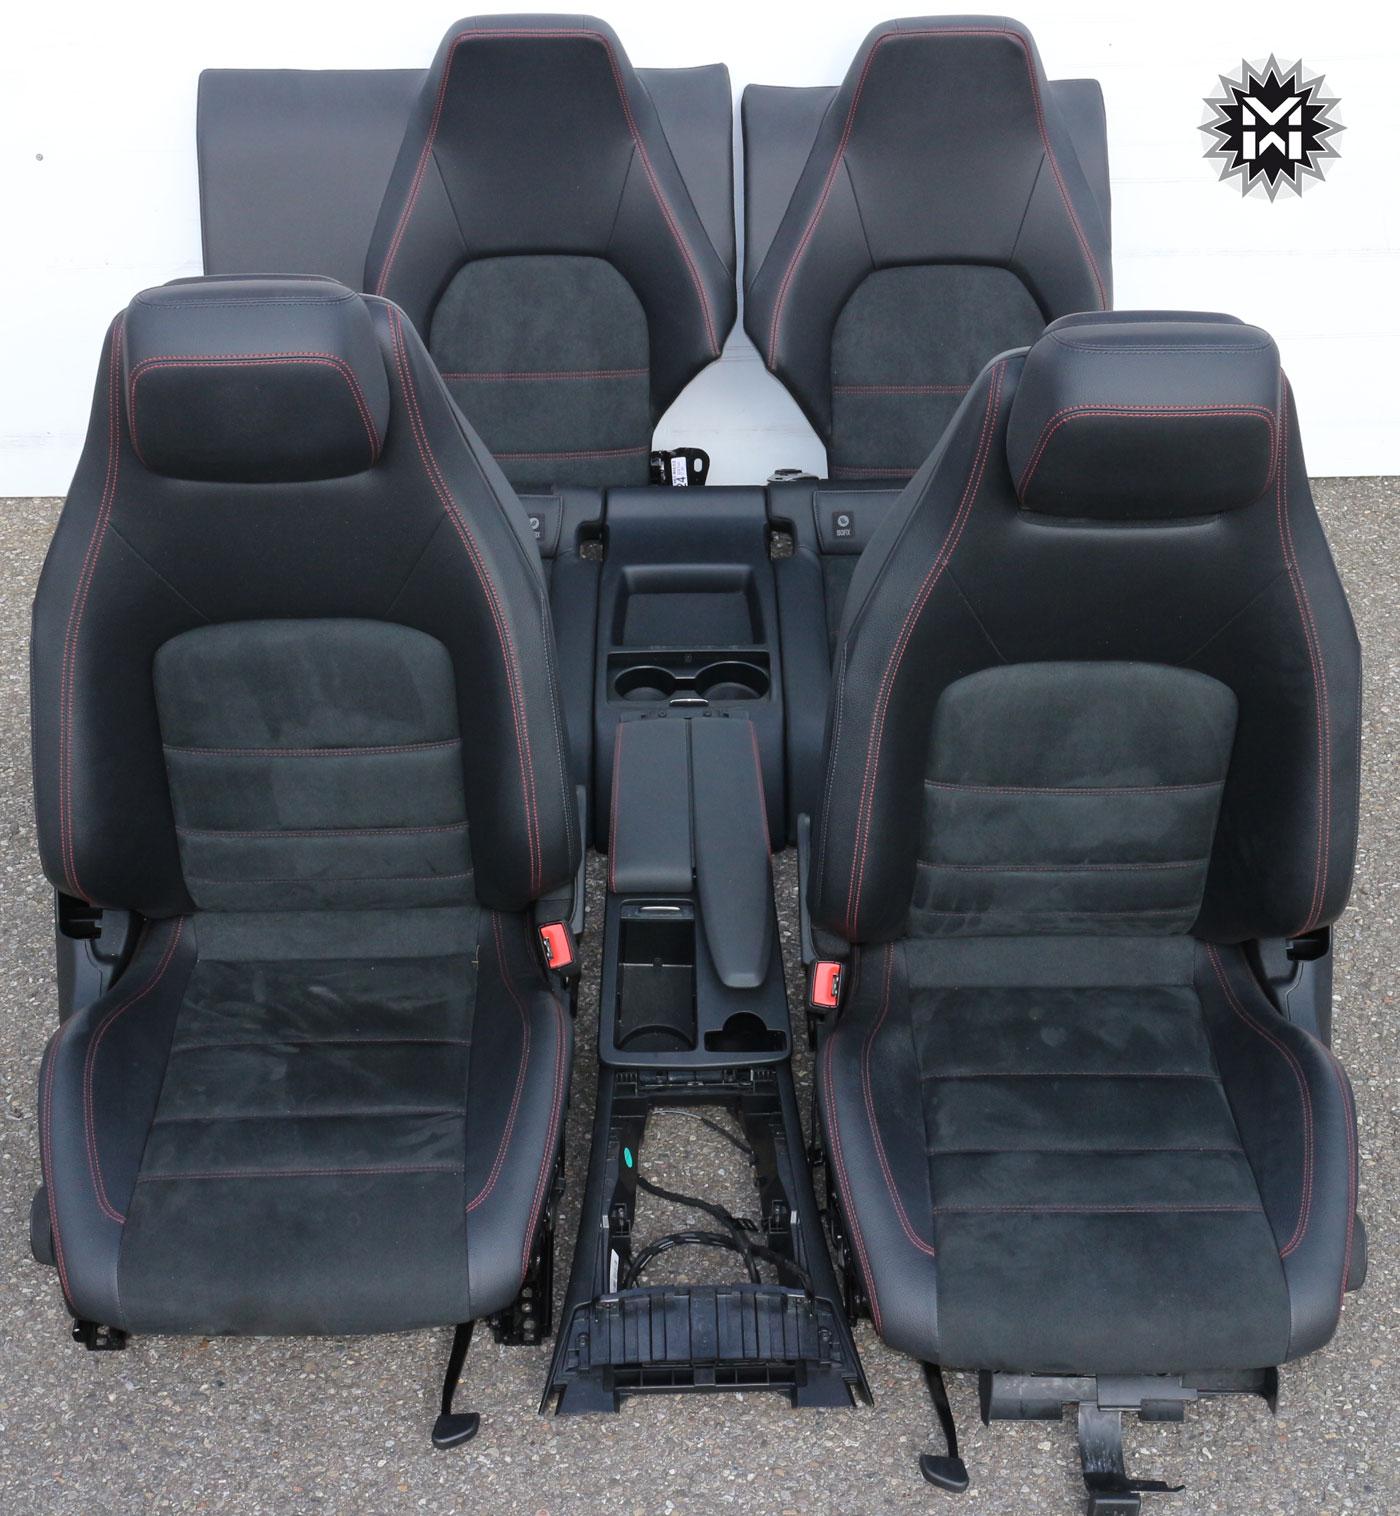 mercedes c klasse coupe c204 amg sportpaket sitzgarnitur. Black Bedroom Furniture Sets. Home Design Ideas